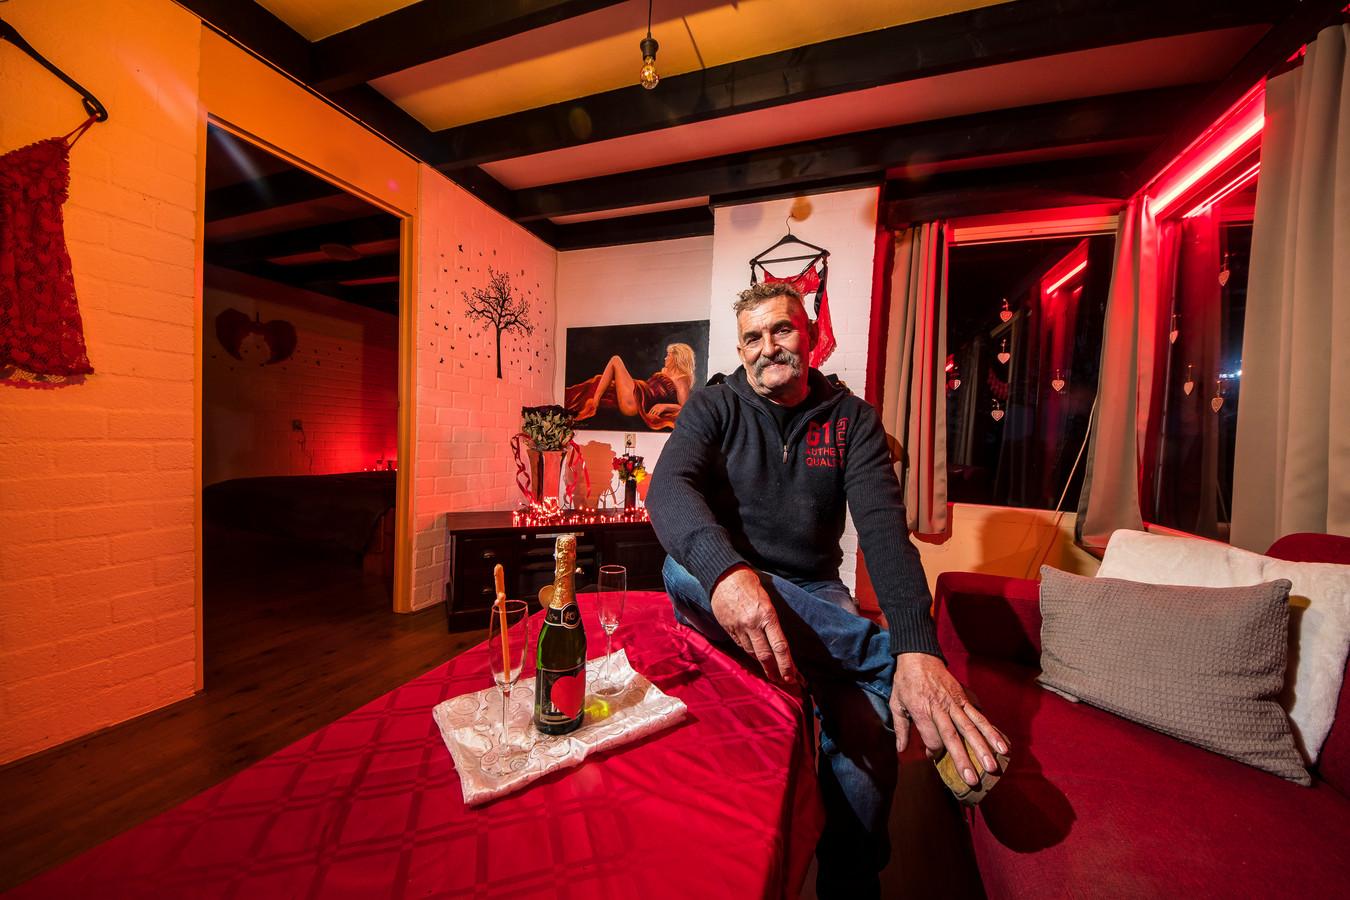 Jos Wolthuis uit Saasveld transformeerde een vakantiehuisje in Reutum in een plek voor 'erotische recreatie', uit boosheid omdat hij niet langer Poolse arbeiders in het huisje mocht laten wonen.